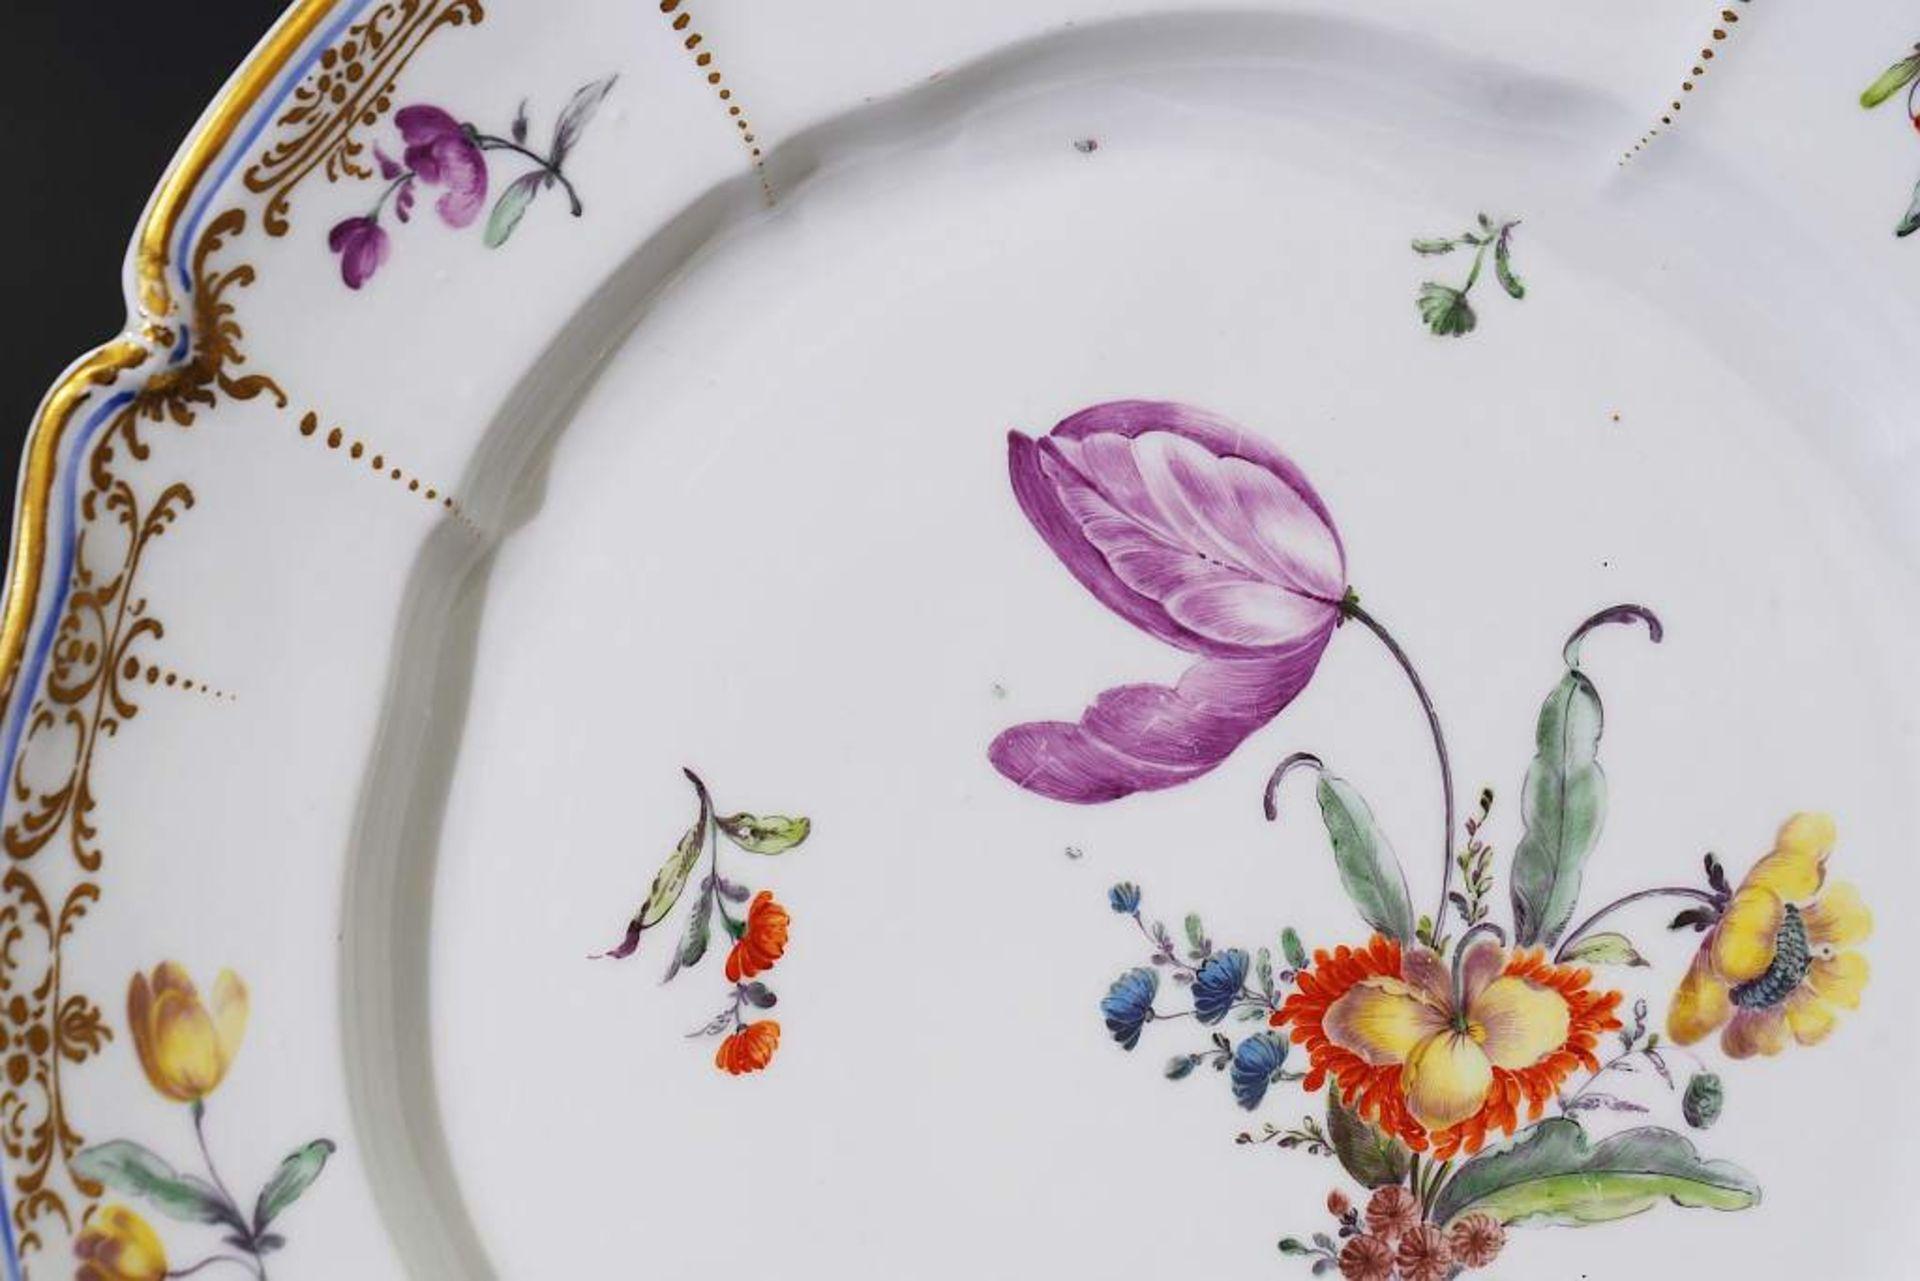 Zierteller. NYMPHENBURG 18. Jahrhundert. Zierteller. NYMPHENBURG 18. Jahrhundert. Teller aus dem - Bild 3 aus 6